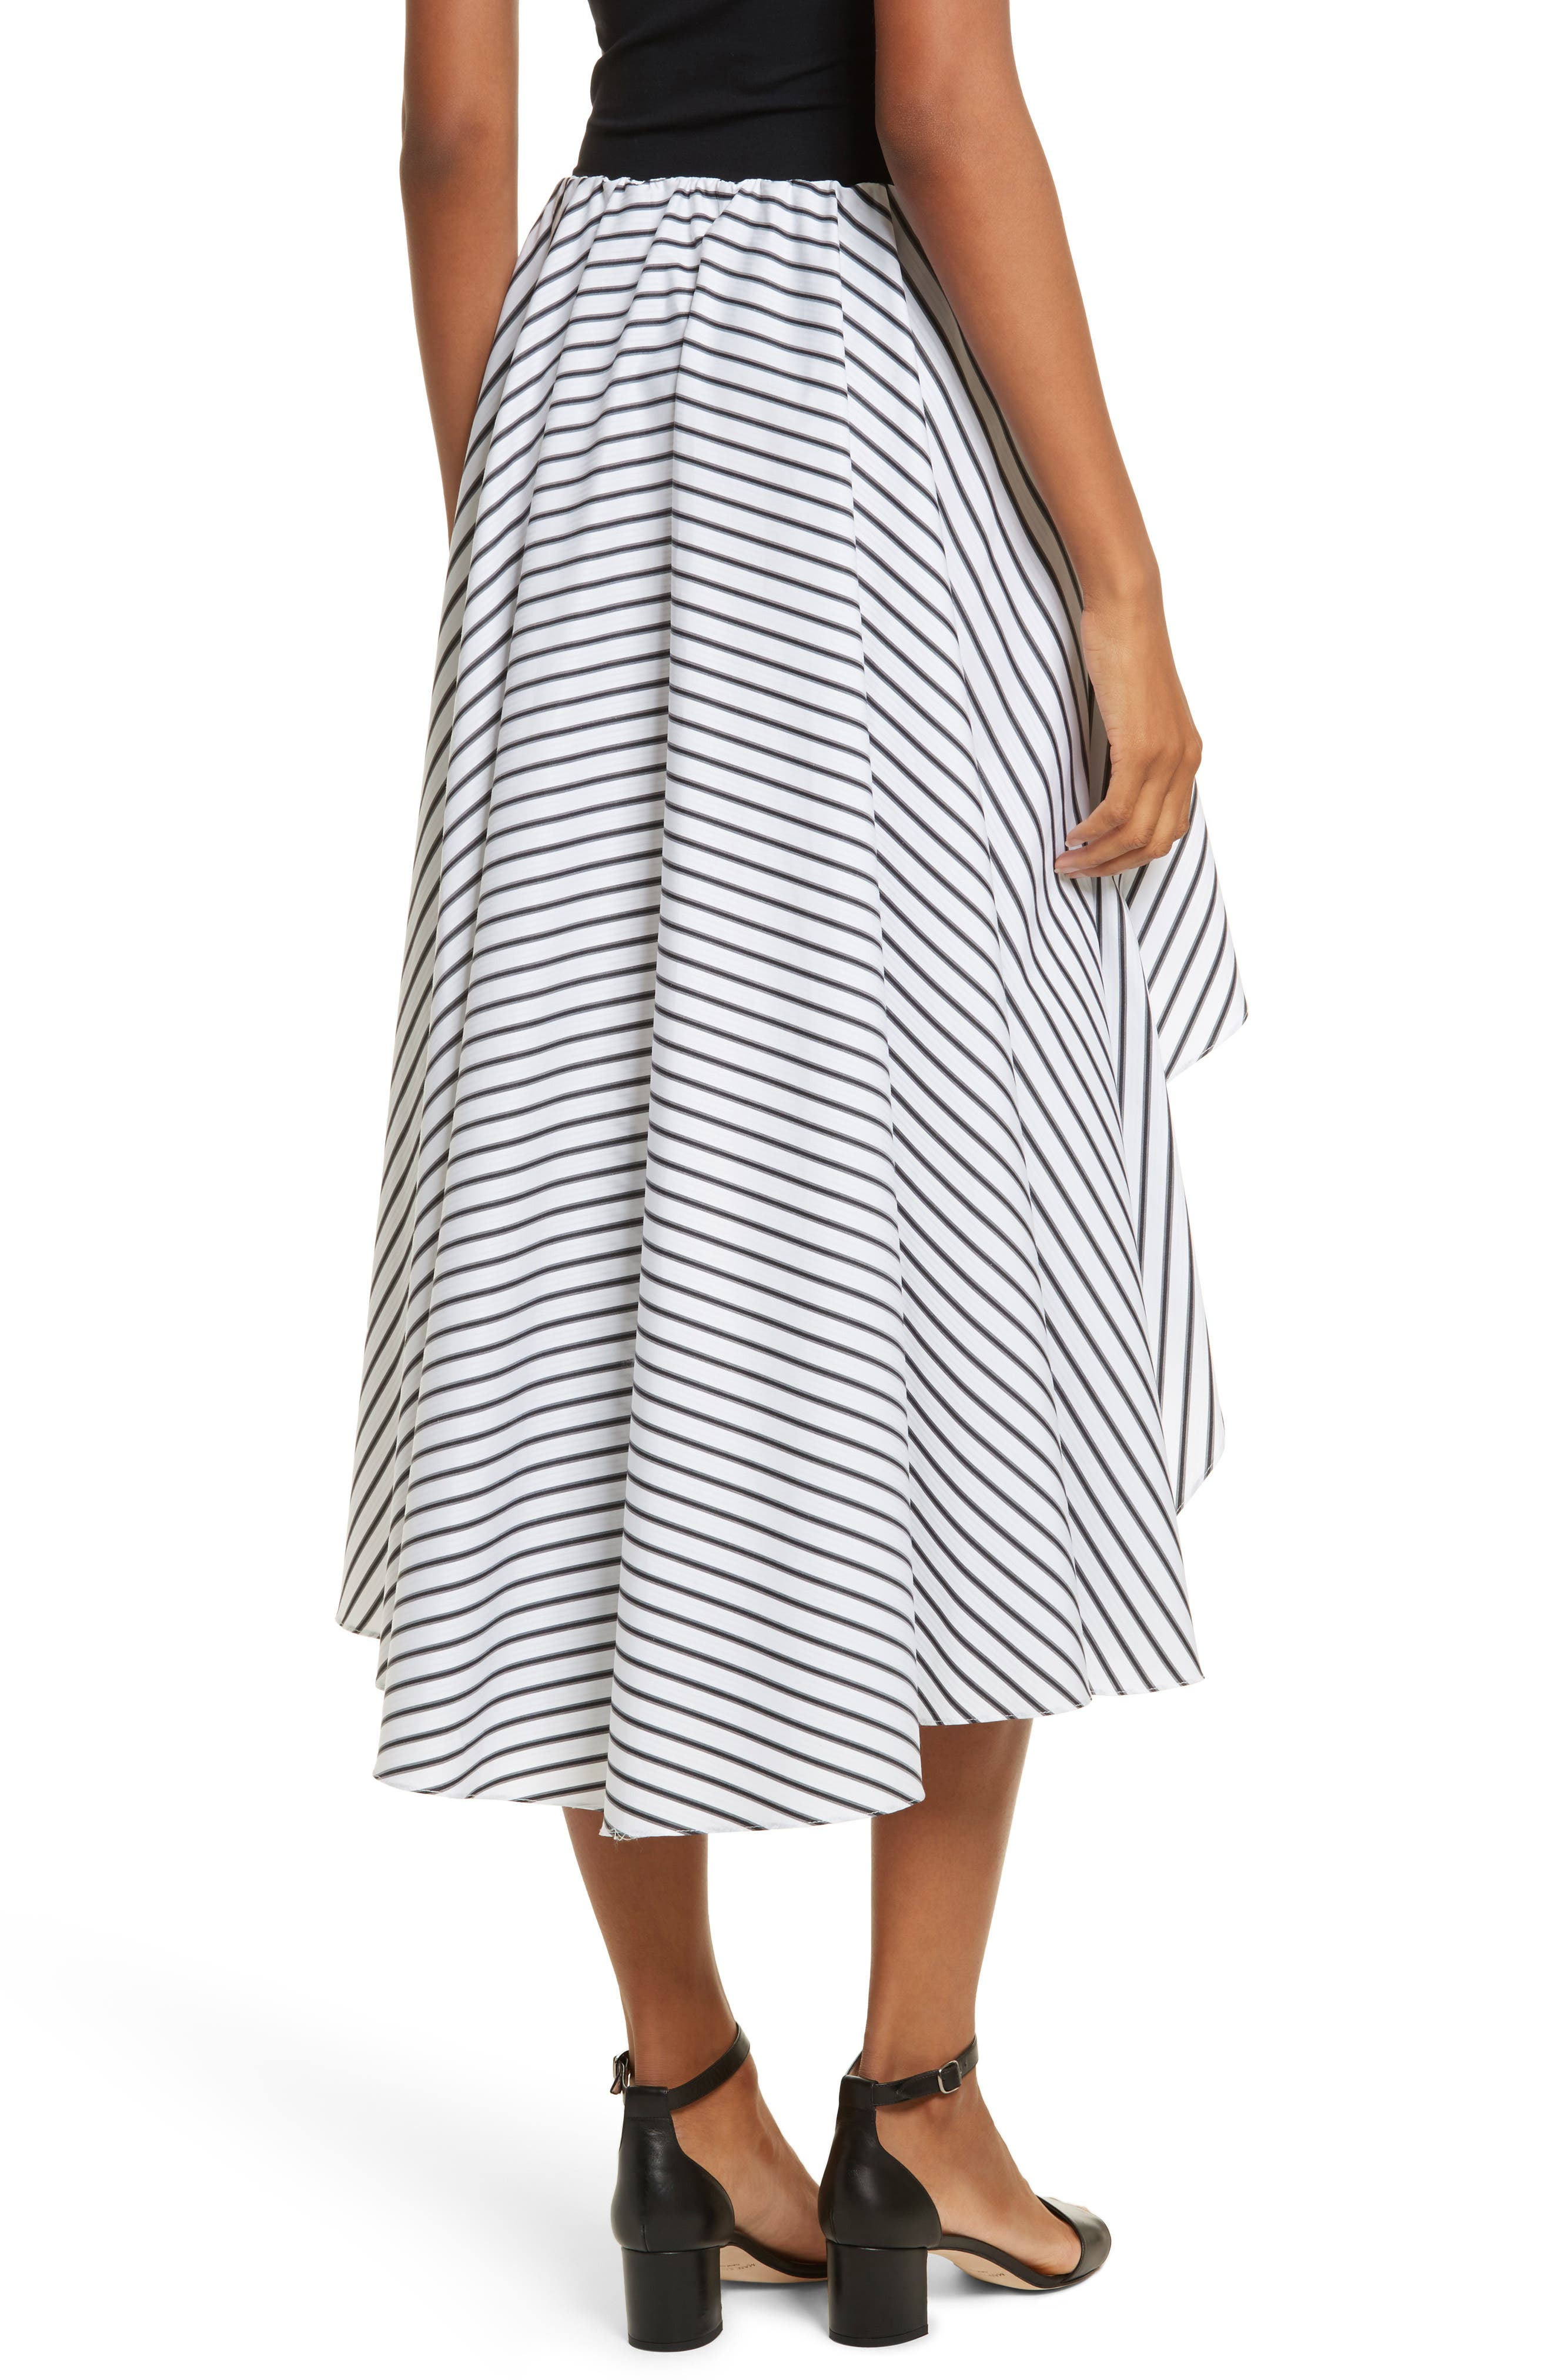 Adelle High/Low Ruffle Skirt,                             Alternate thumbnail 2, color,                             White/ Black